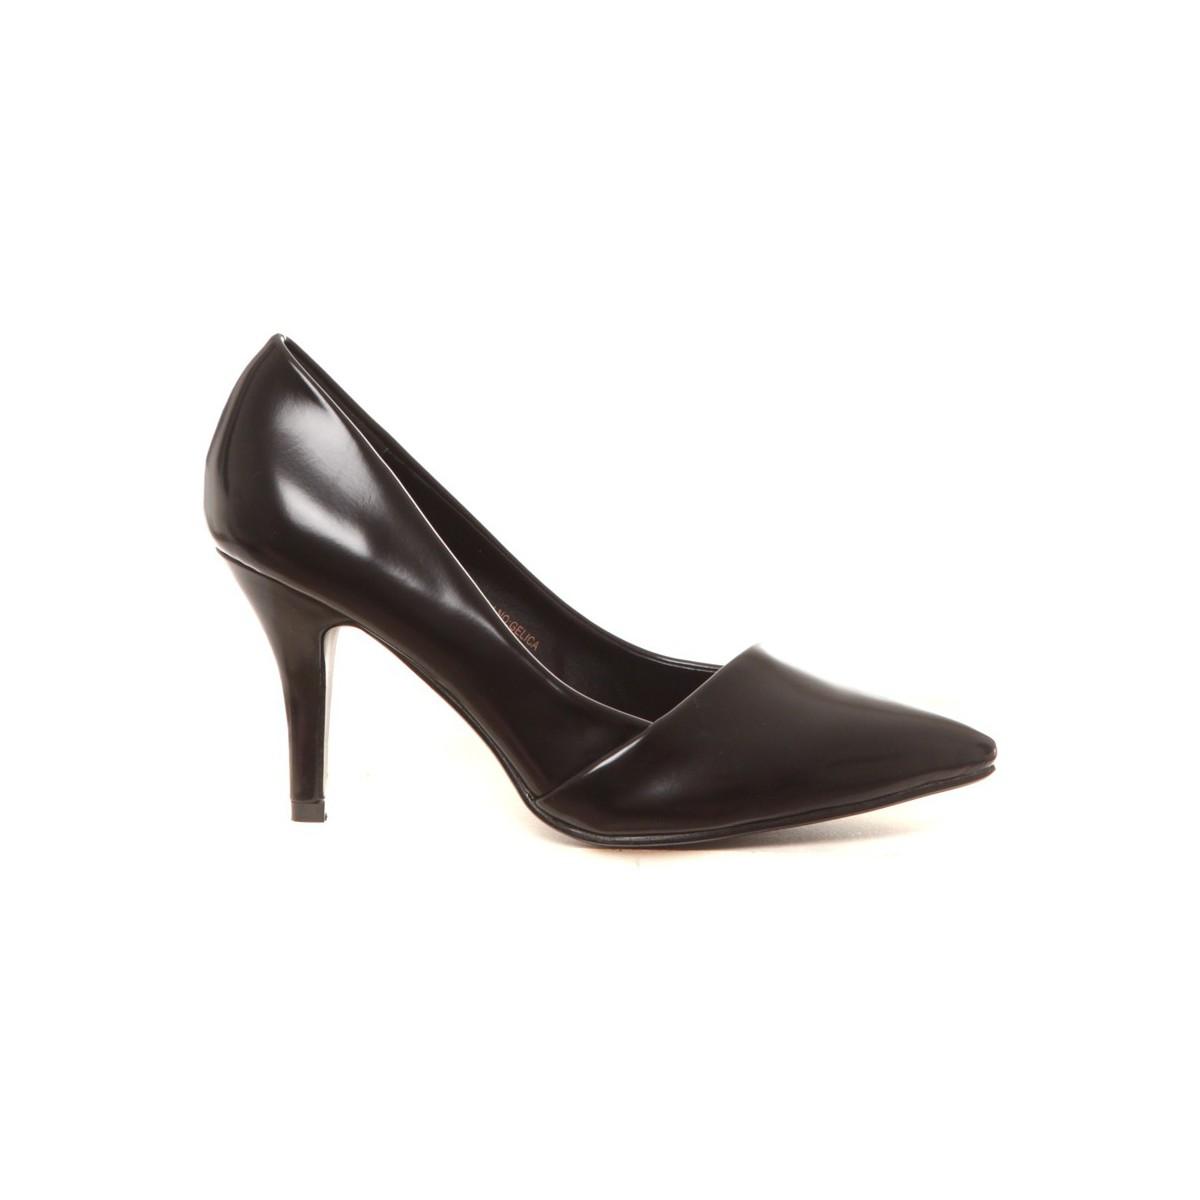 cassis c te d 39 azur escarpins gelica noir noir chaussures escarpins femme 15 95. Black Bedroom Furniture Sets. Home Design Ideas